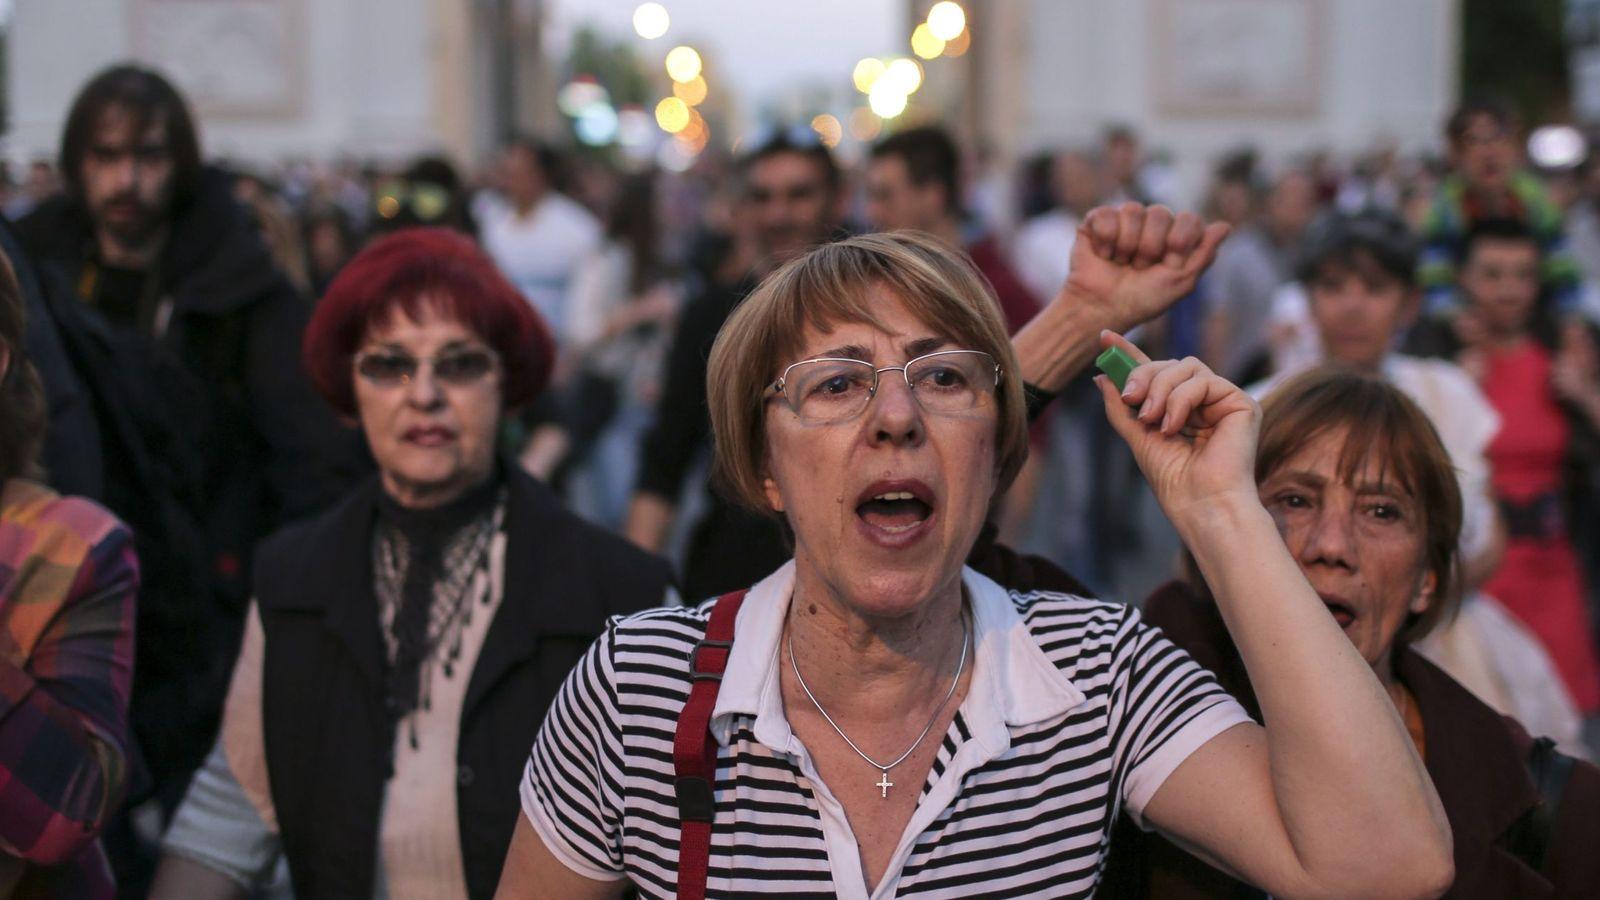 Foto: Imagen de archivo de una protesta en Skopje, Macedonia del Norte. (EFE)